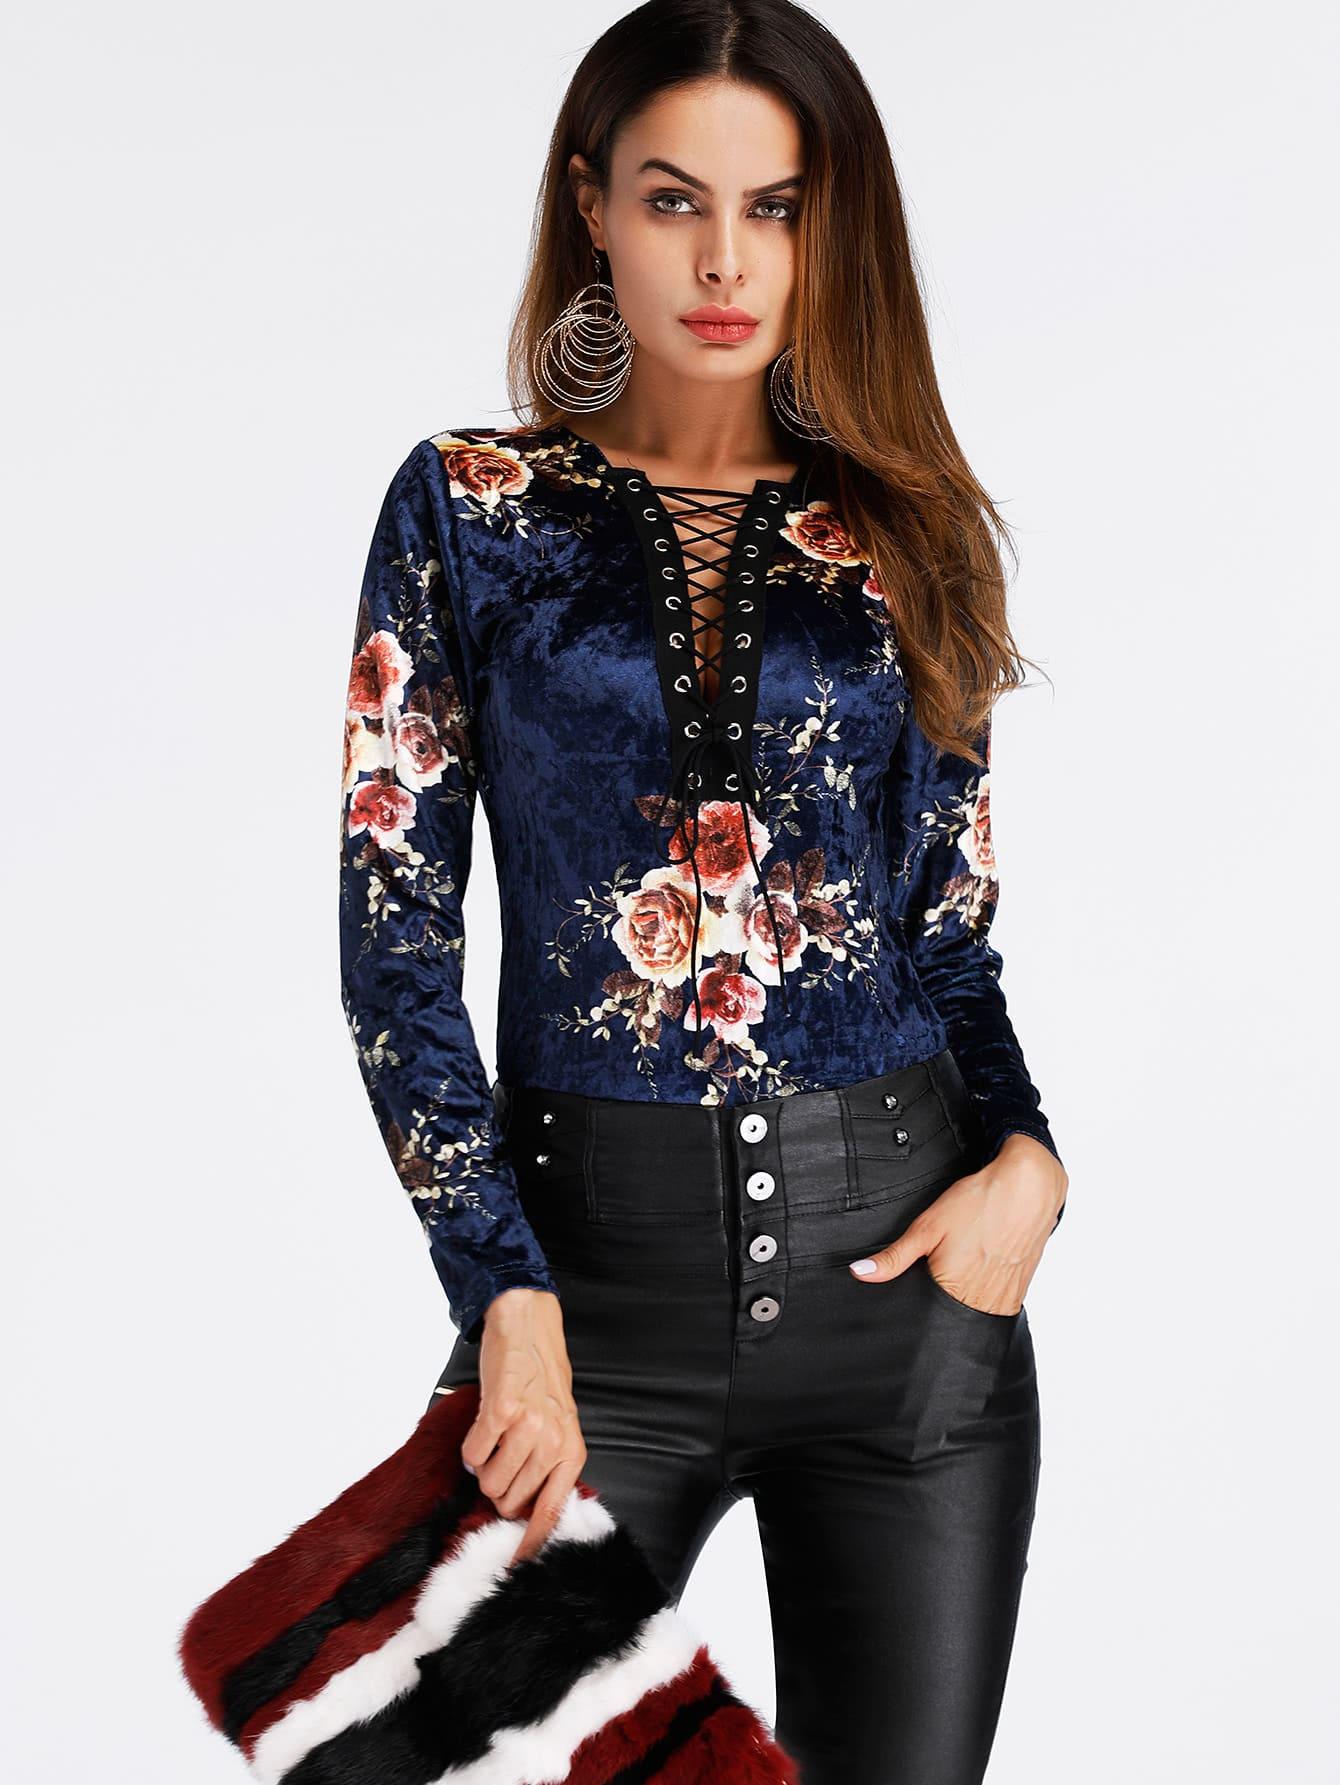 Flower Print Lace Up Front Velvet Bodysuit lace up front fit